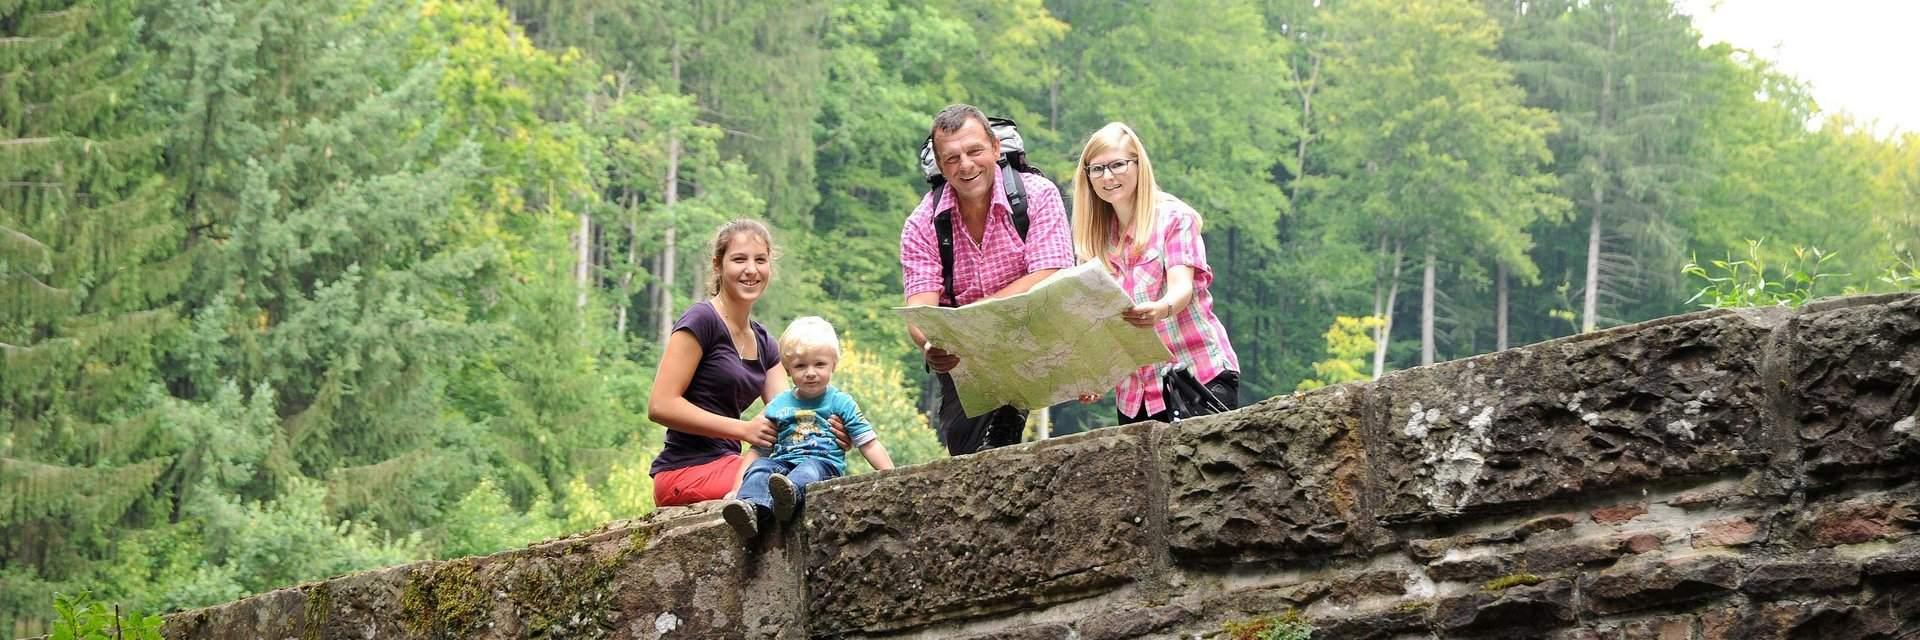 csm Odenwald Wanderer 1 c Touristikgemeinschaft Odenwald 2021a9343f